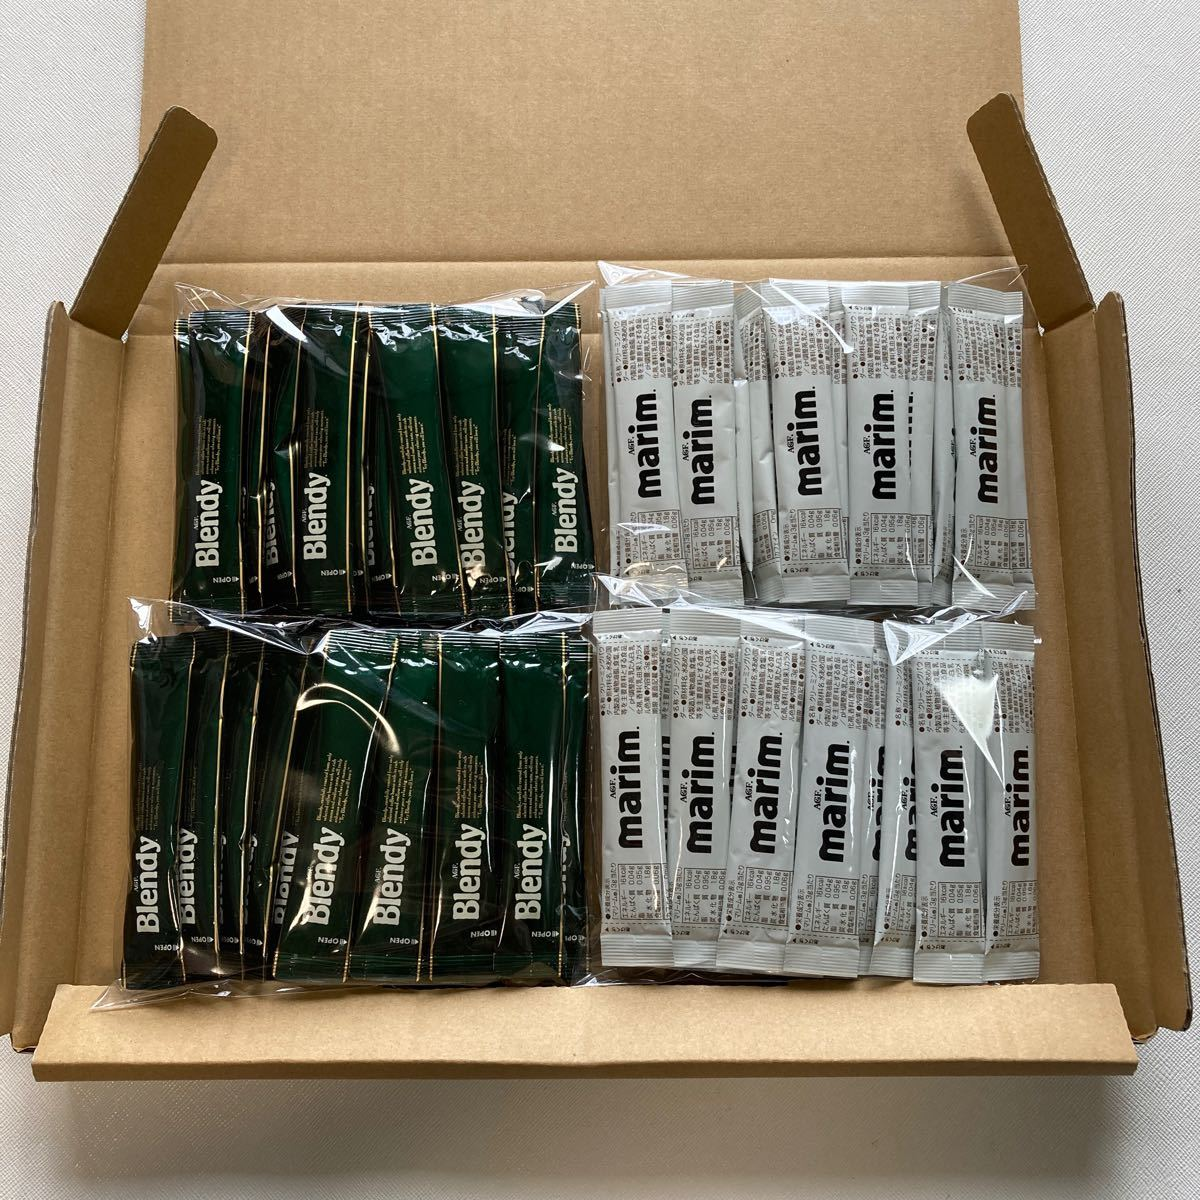 ブレンディ ブラックコーヒー スティック 40本 マリーム スティック 40本セット インスタントコーヒー